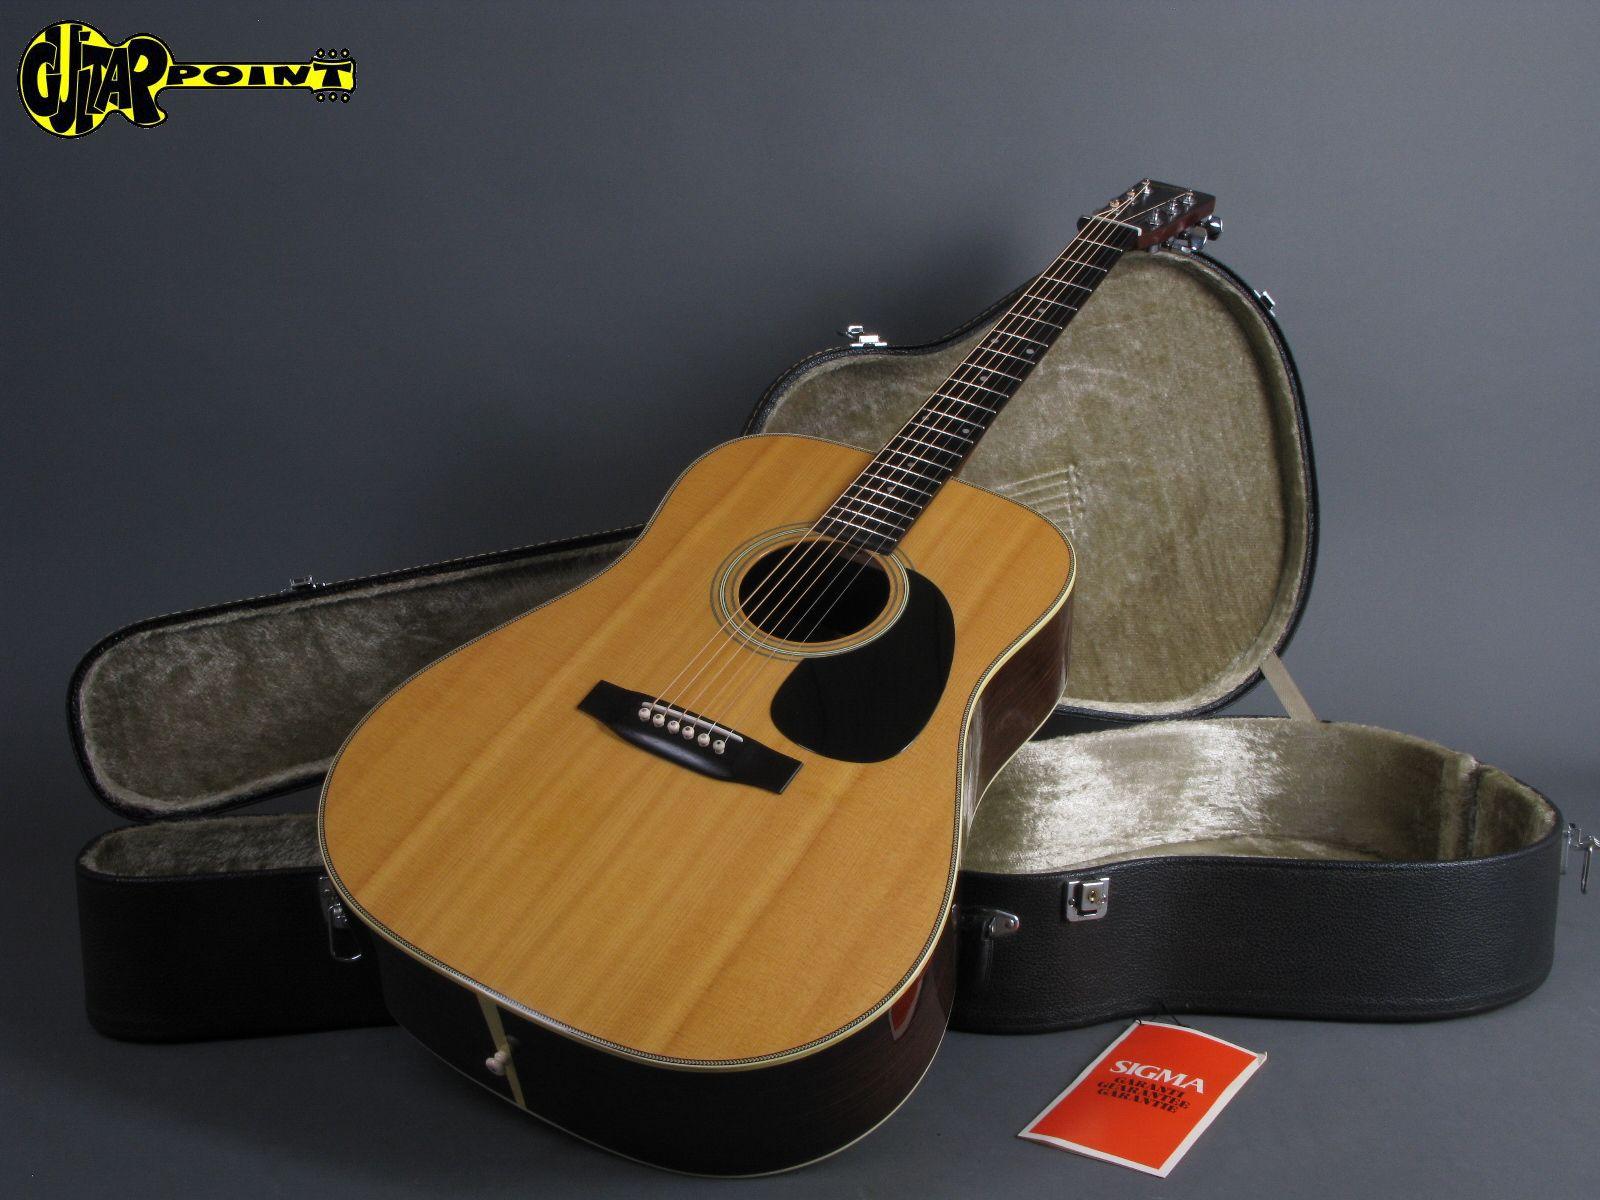 sigma martin dr 28 h 1979 natural guitar for sale guitarpoint. Black Bedroom Furniture Sets. Home Design Ideas